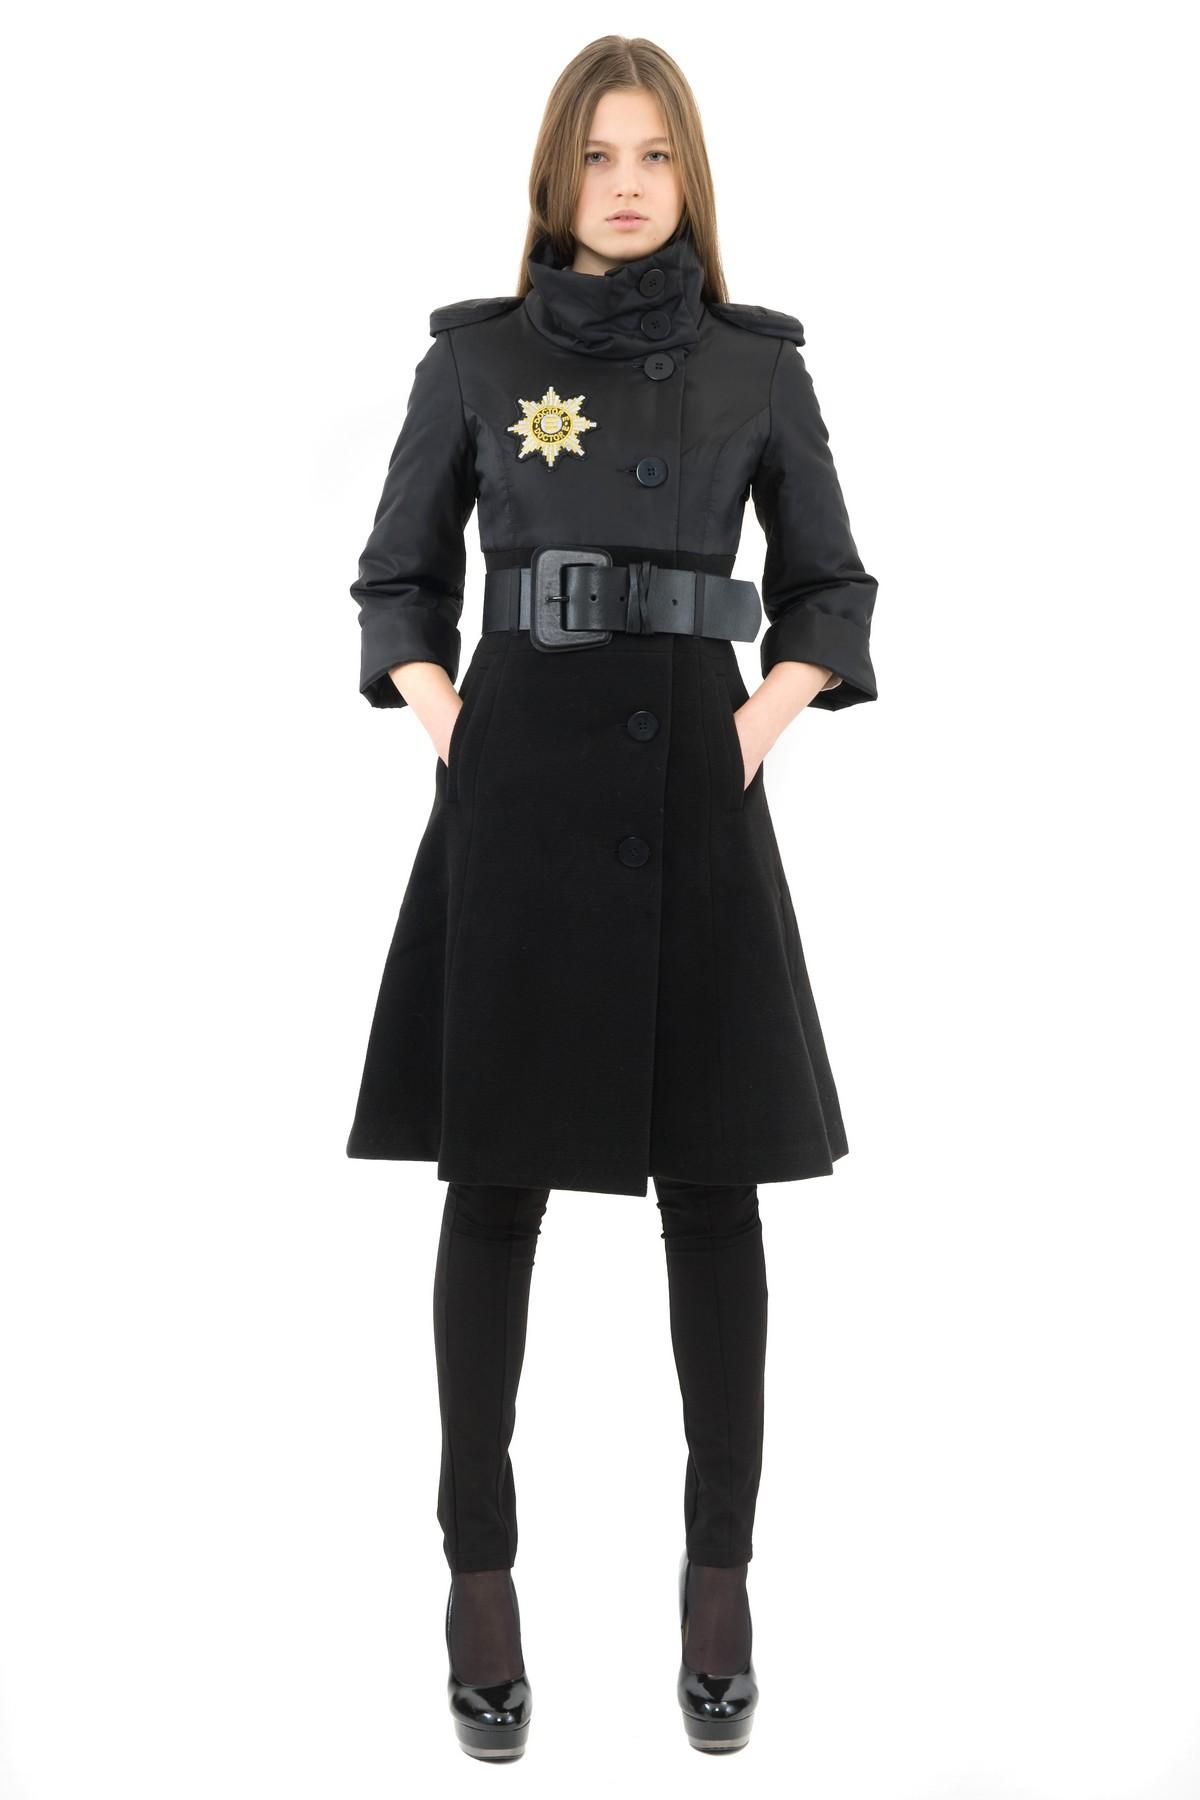 ПальтоЖенские куртки, плащи, пальто<br>В холодный осенний день очень важно ощущение тепла и комфорта. Это тепло может подарить Вам это очаровательное полупальто. Прекрасный вариант для создания стильного образа. Ремень в комплект не входит.  Коллекция Колонизация дизайнера Павла Ерокина осен<br><br>Цвет: черный<br>Состав: ткань1: 90 % полиэстер, 8% вискоза, 2% эластан; ткань2: 100% нейлон;<br>Размер: 40,46,48<br>Страна дизайна: Россия<br>Страна производства: Россия